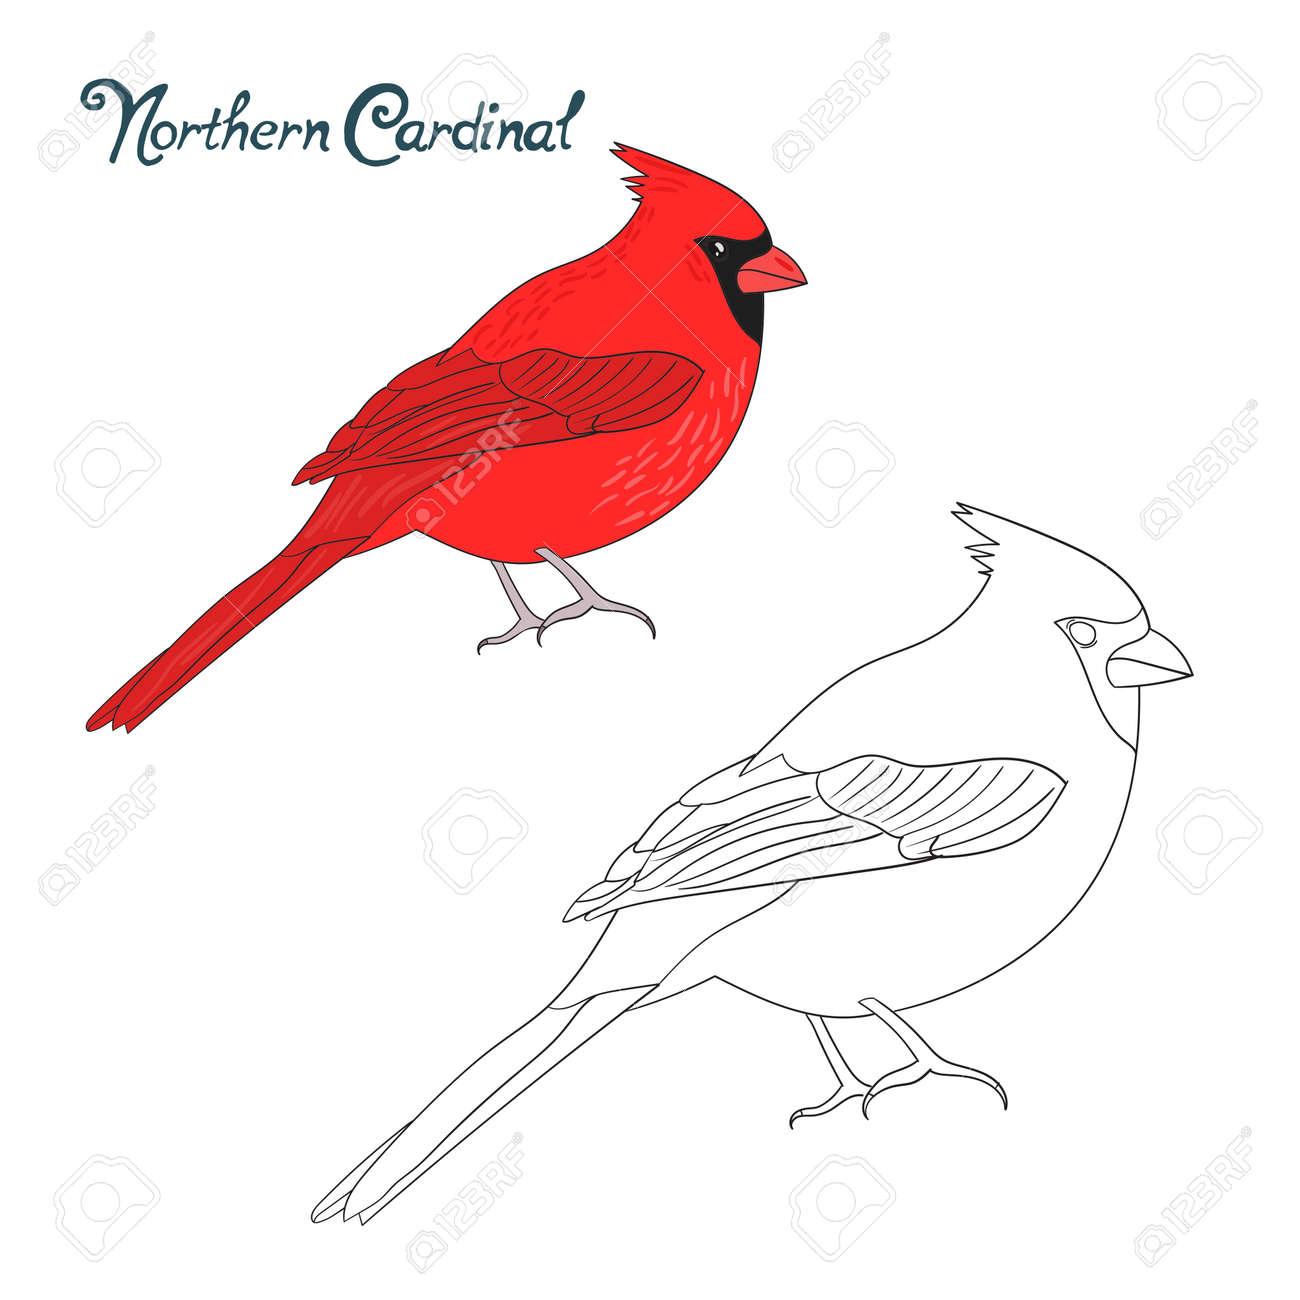 Educational Game Coloring Book Northern Cardinal Bird Cartoon